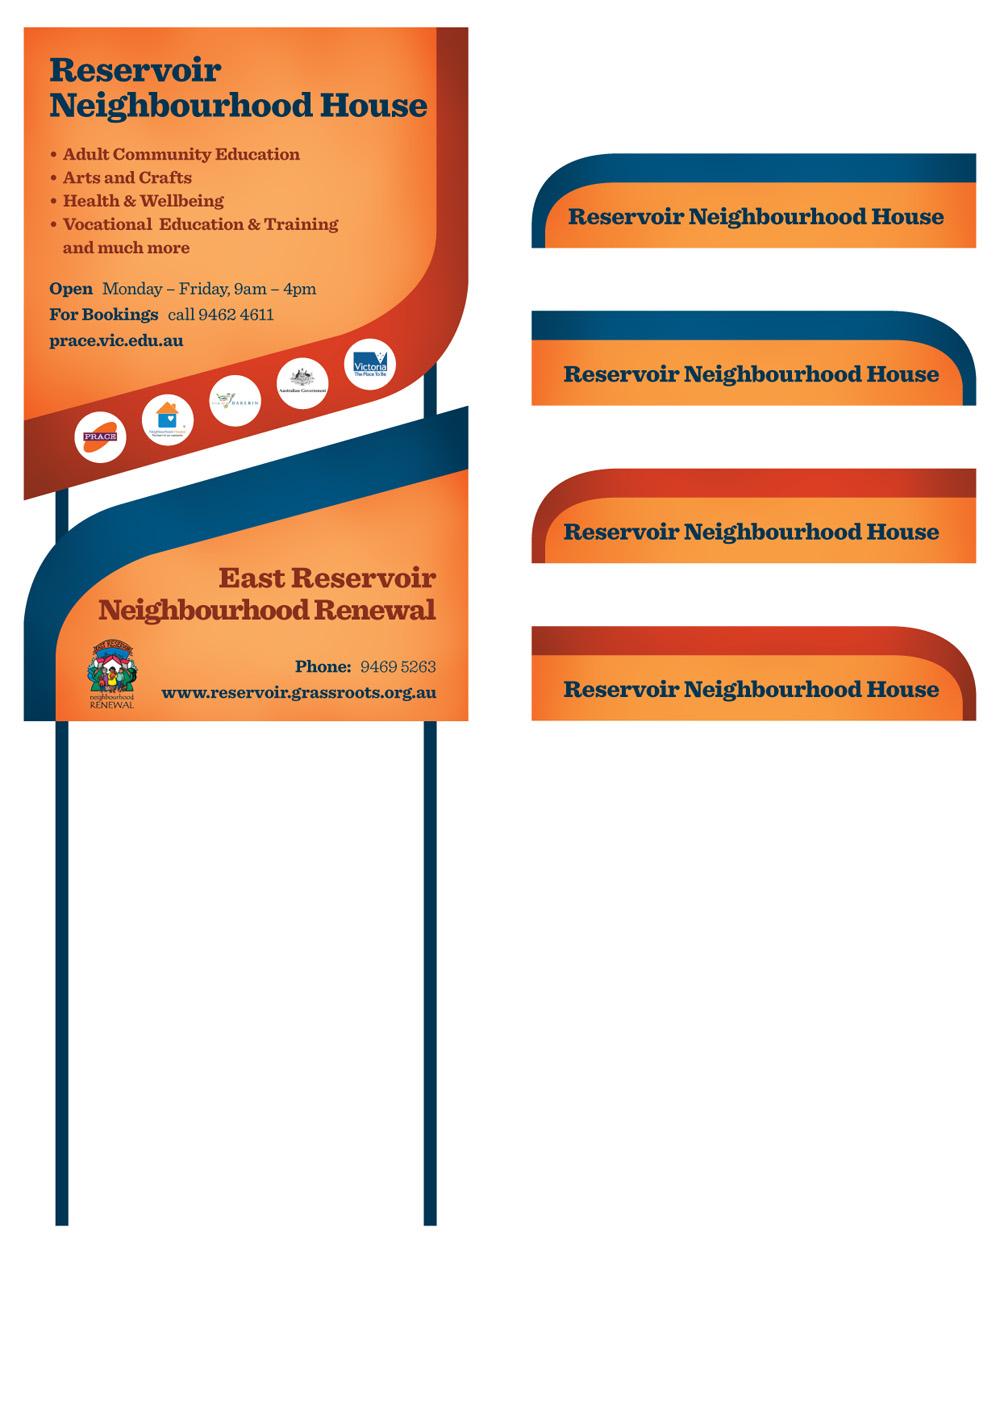 Design Samples_01-16.jpg